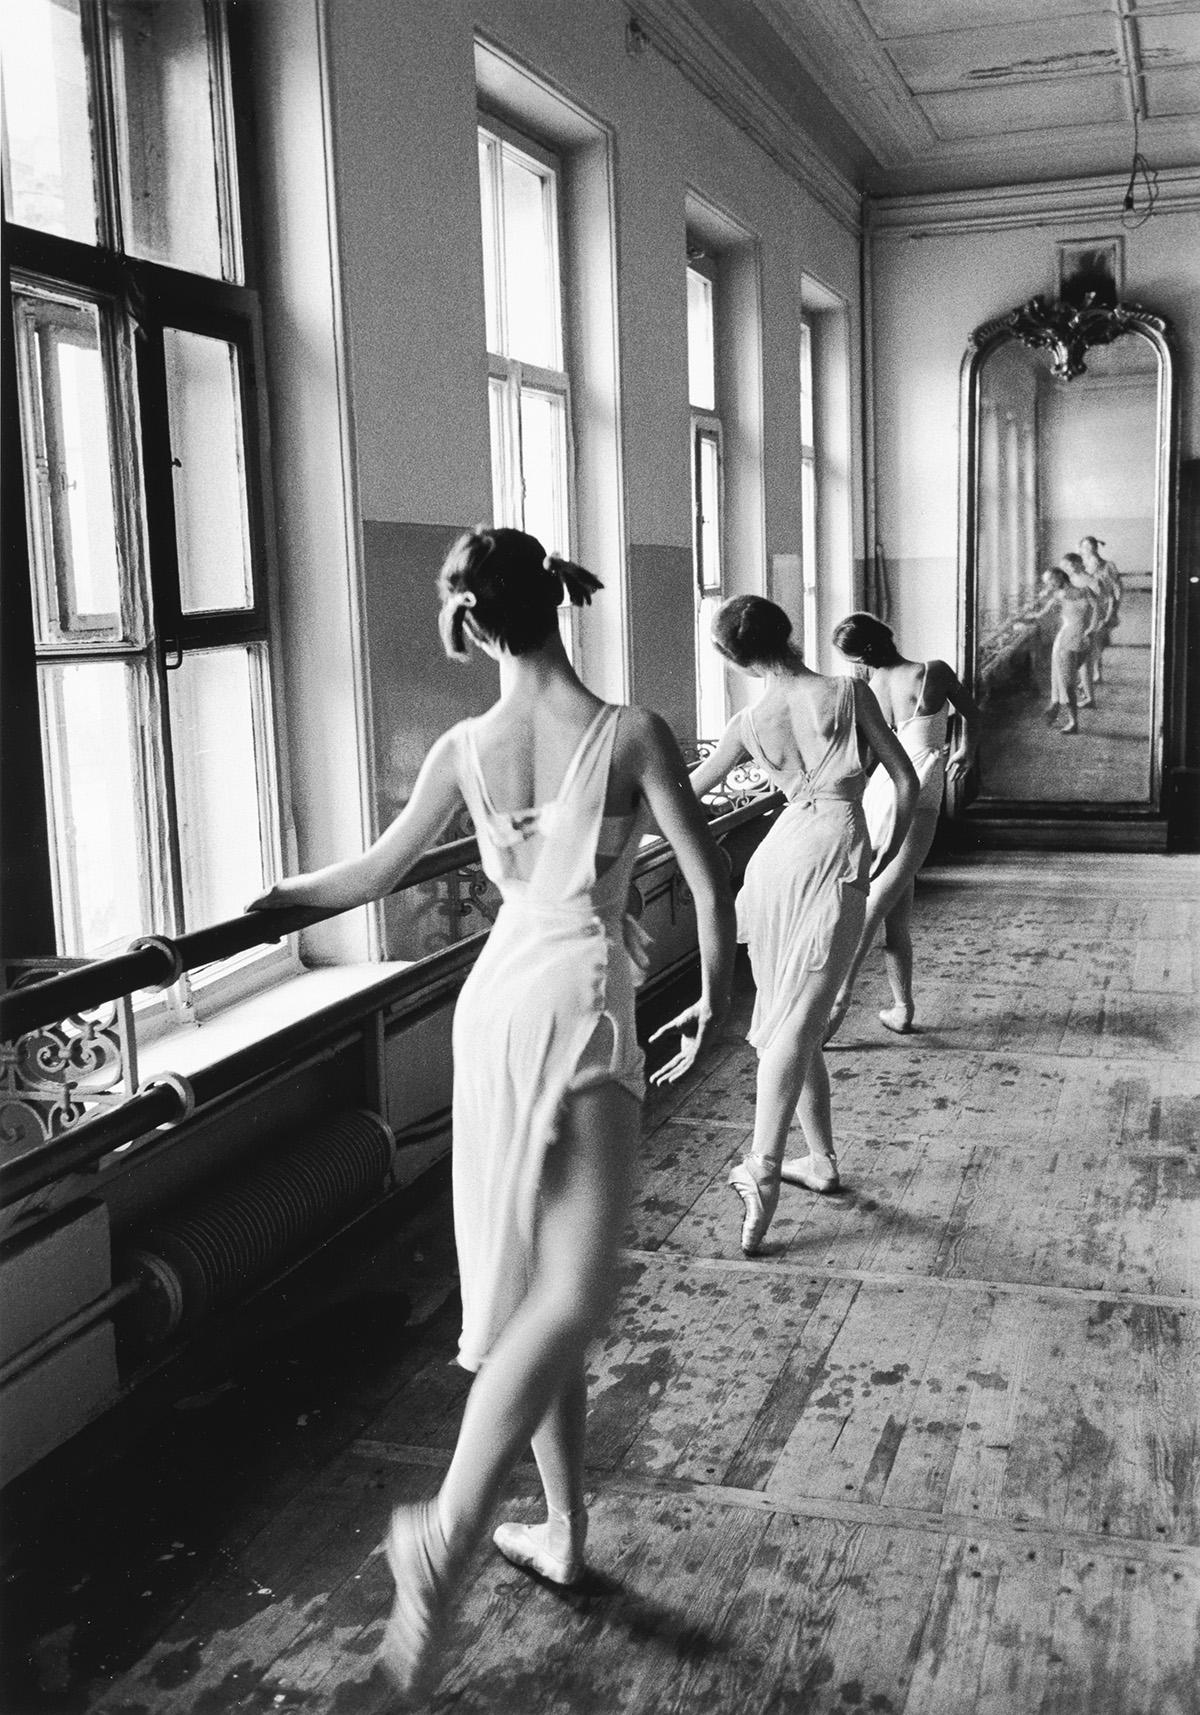 CORNELL-CAPA-(1918-2008)-Bolshoi-Ballet-School